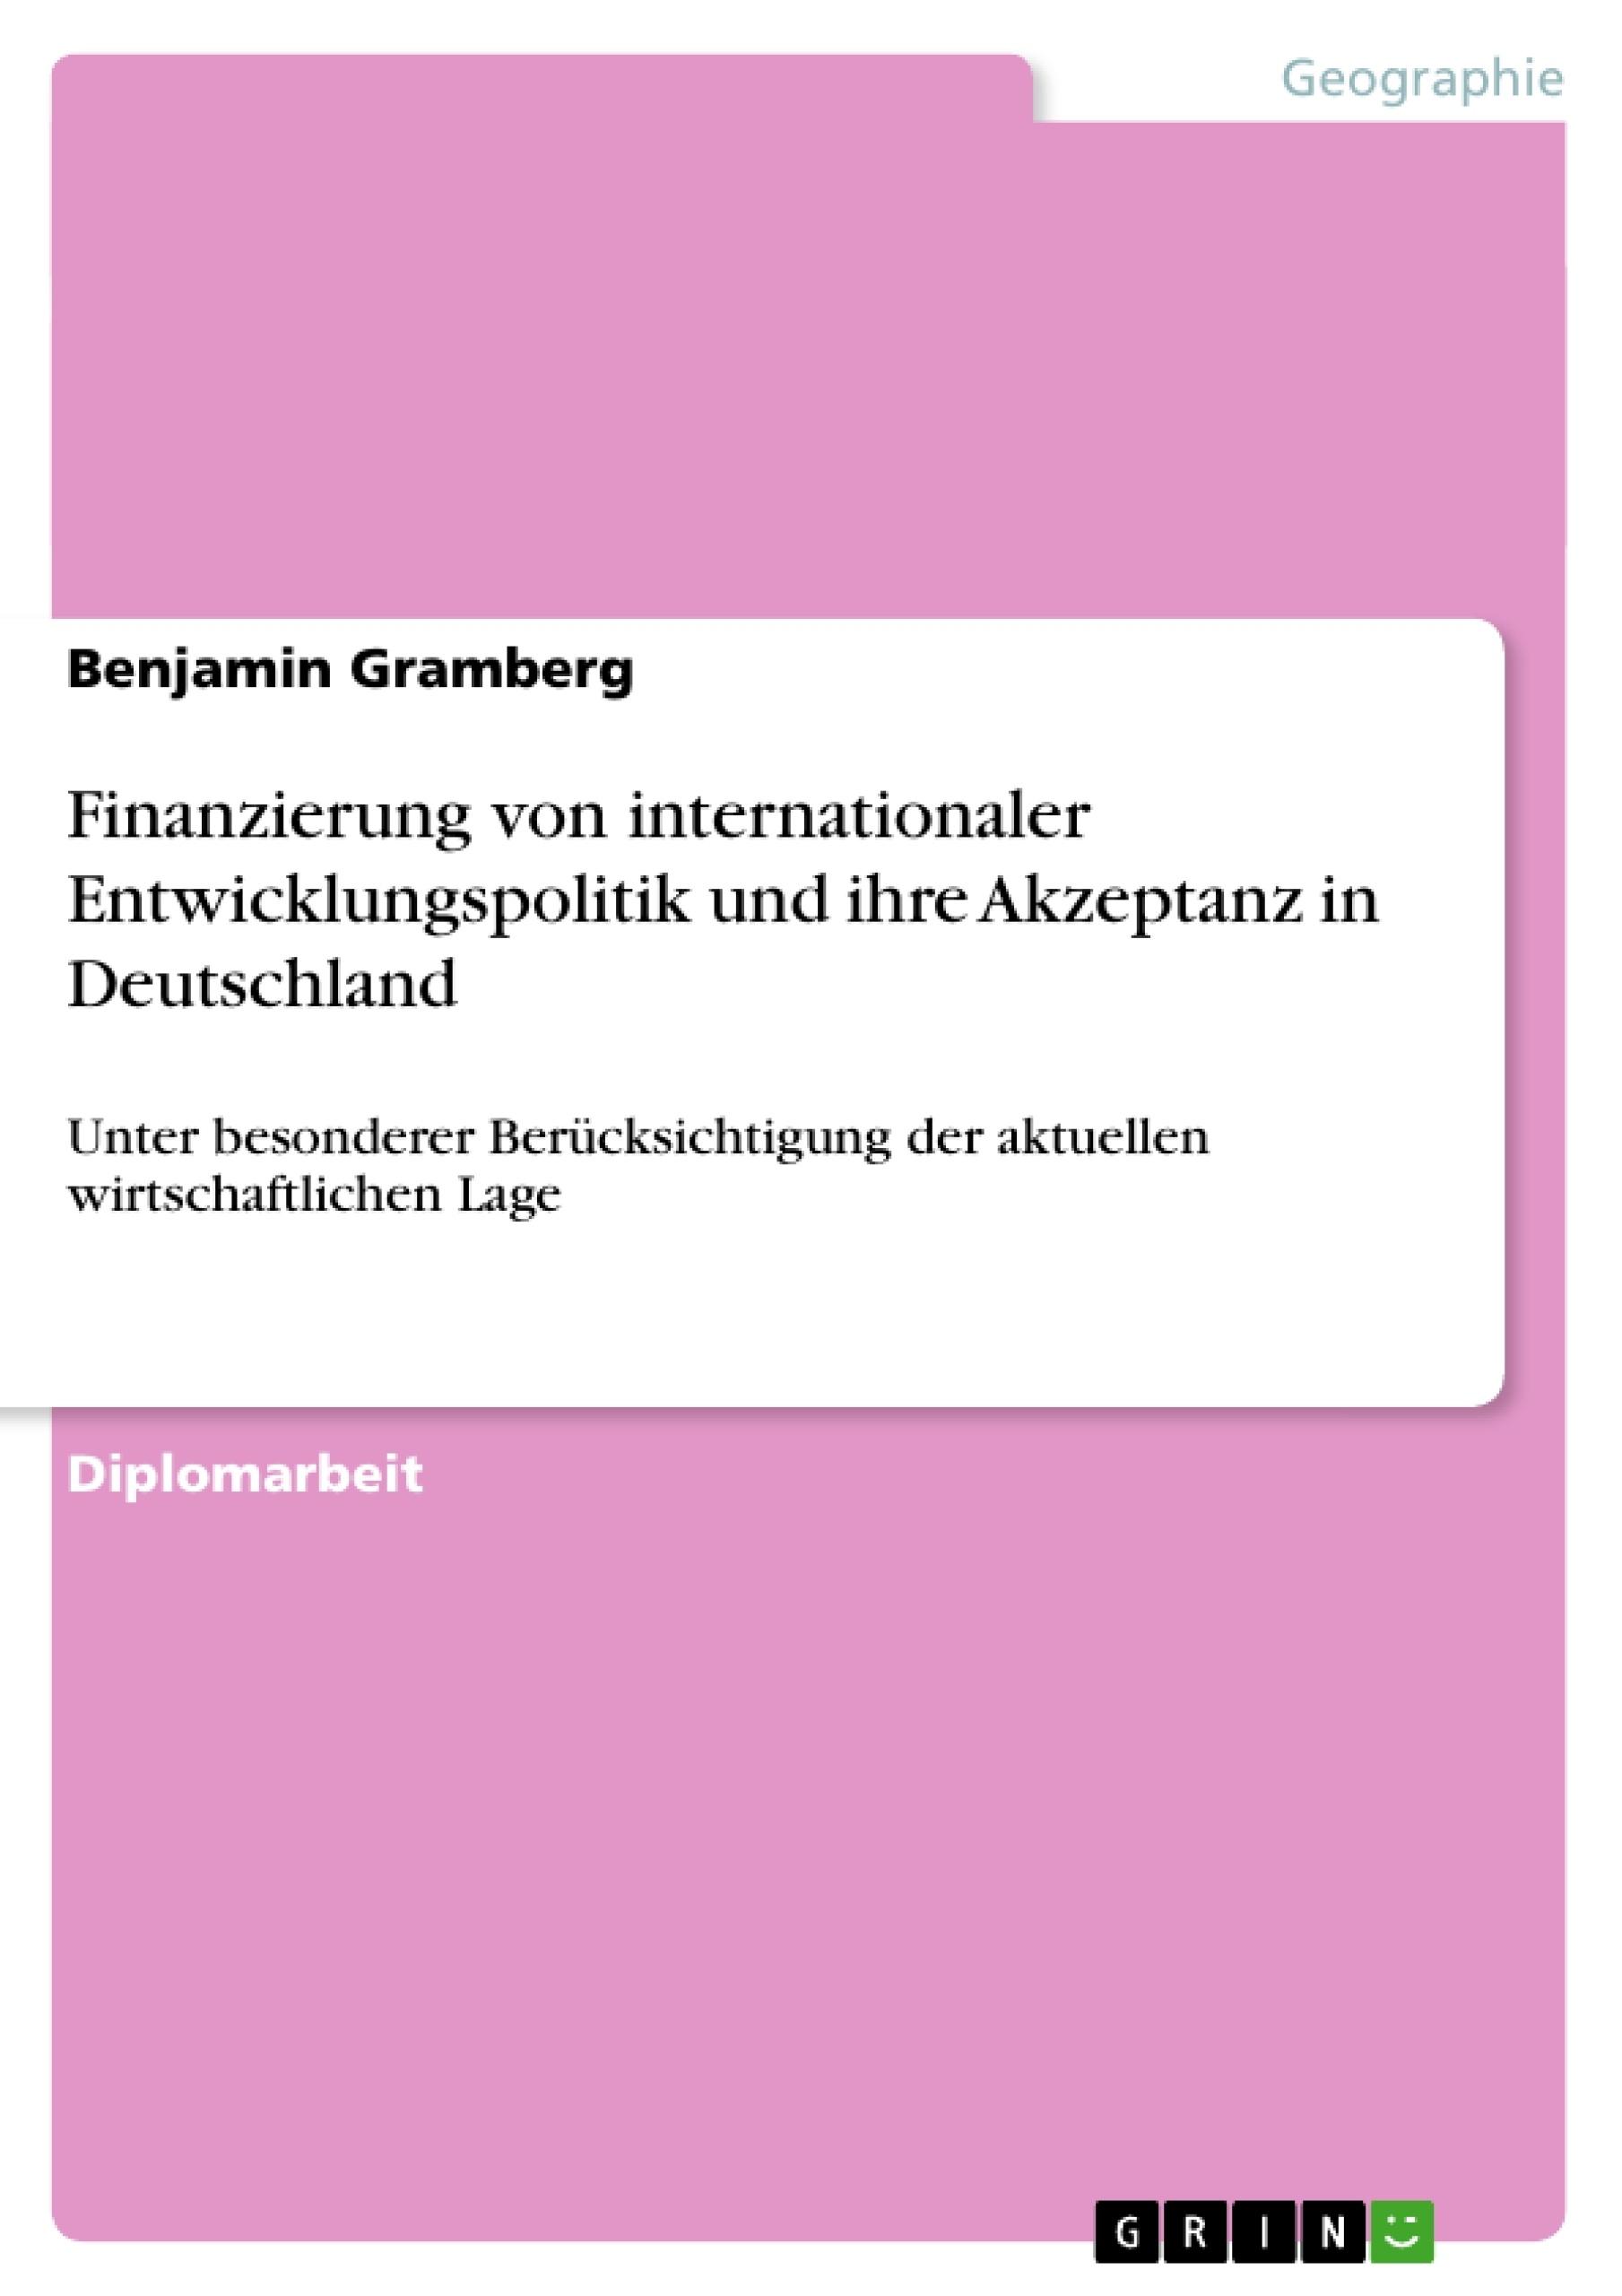 Titel: Finanzierung von internationaler Entwicklungspolitik und ihre Akzeptanz in Deutschland